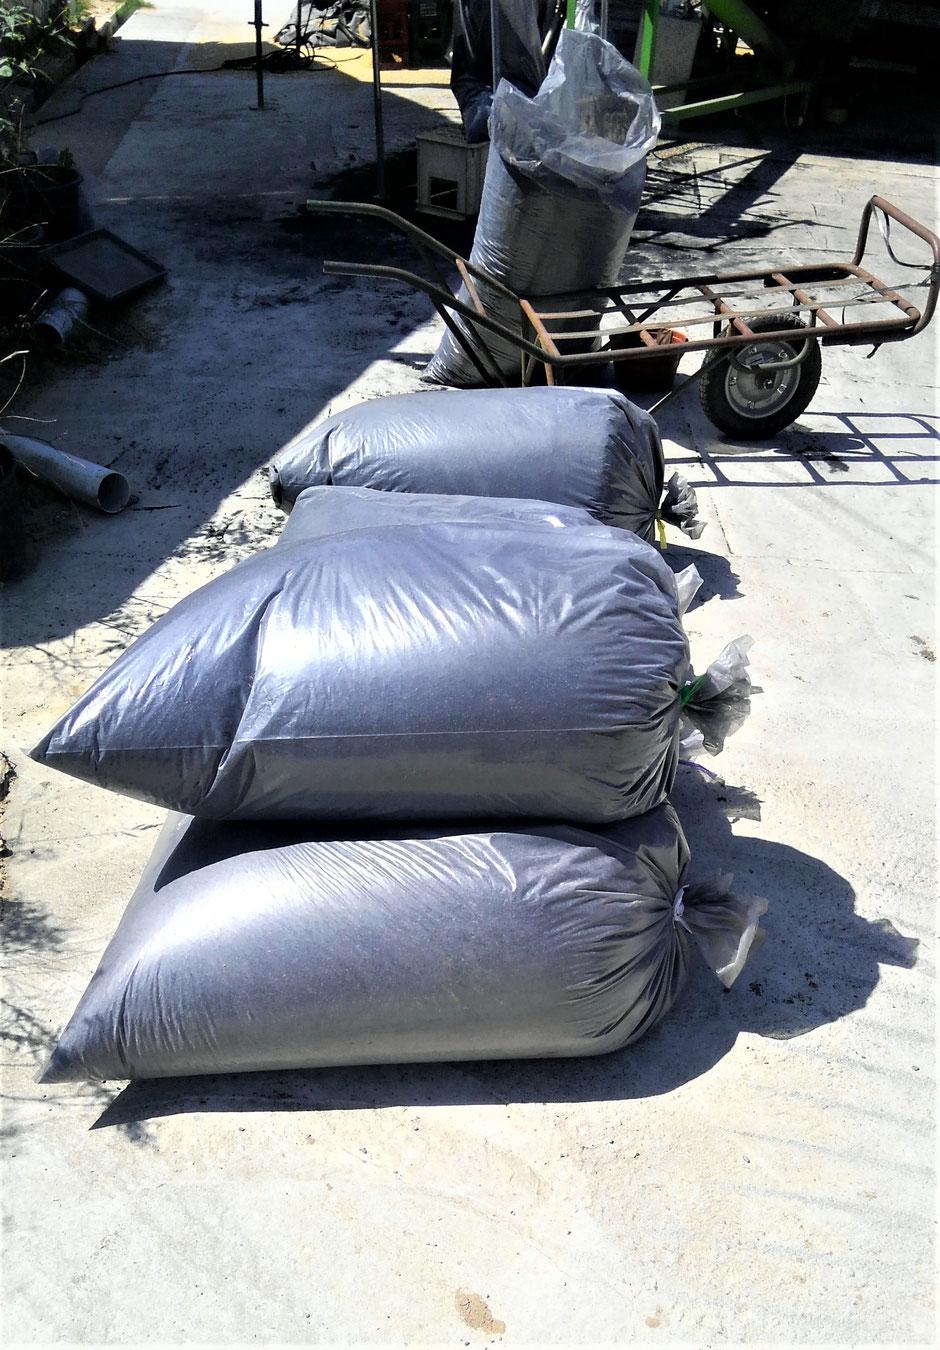 地産地消 自分お田んぼで取れたモミガラをくん炭にして販売する方法をご紹介